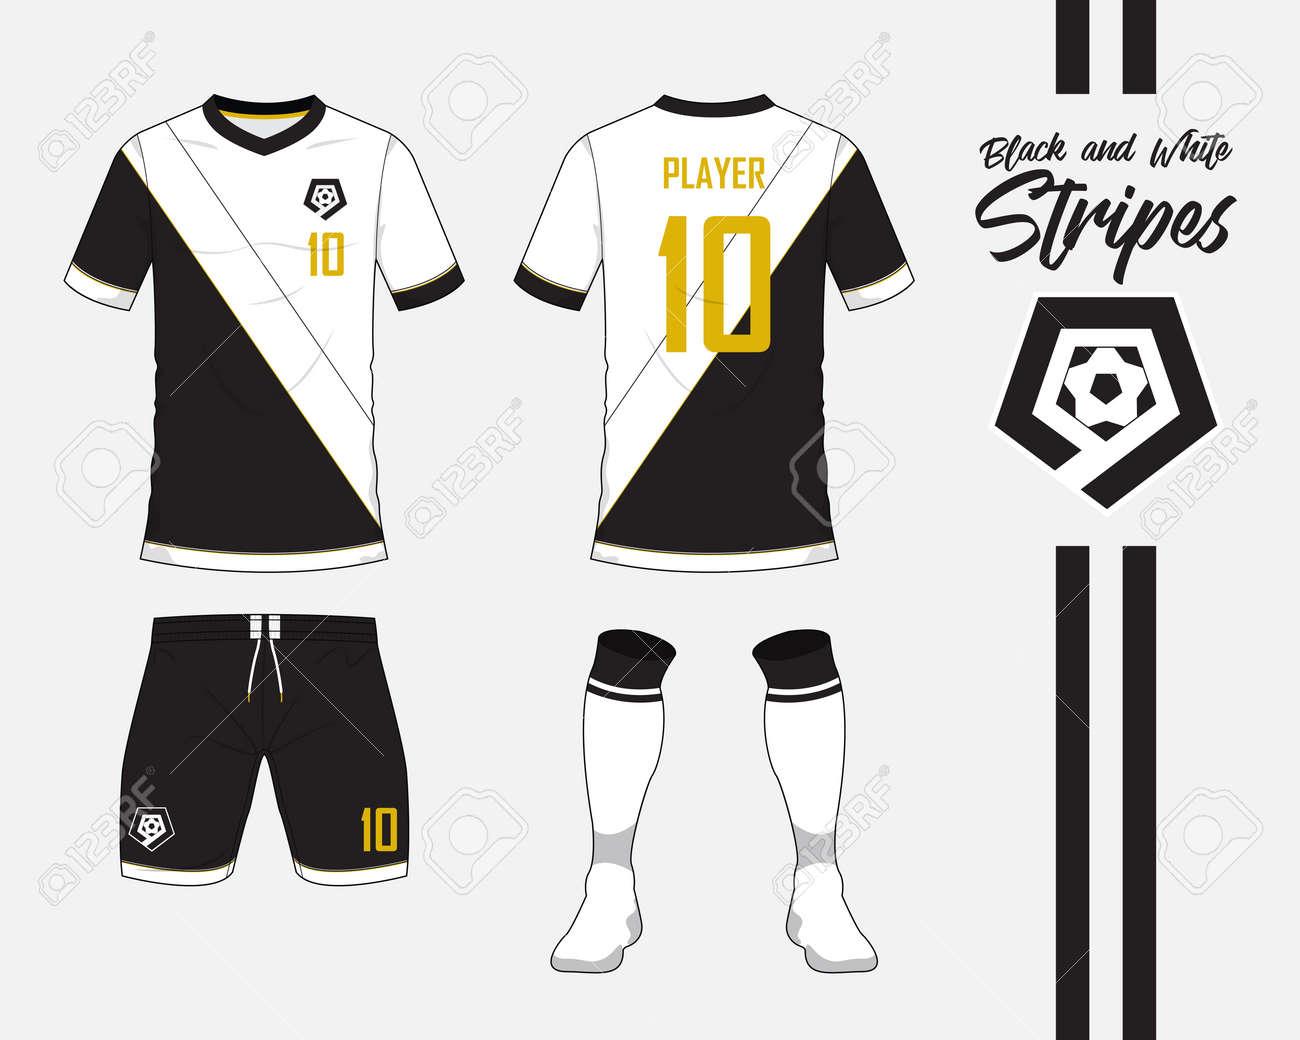 Jersey De Fútbol O Colección De Kit De Fútbol En Concepto De Rayas Blanco Y  Negro. Maqueta De La Camisa Del Fútbol Para Arriba. Vista Delantera Y  Trasera ... 5beca3a8b533b